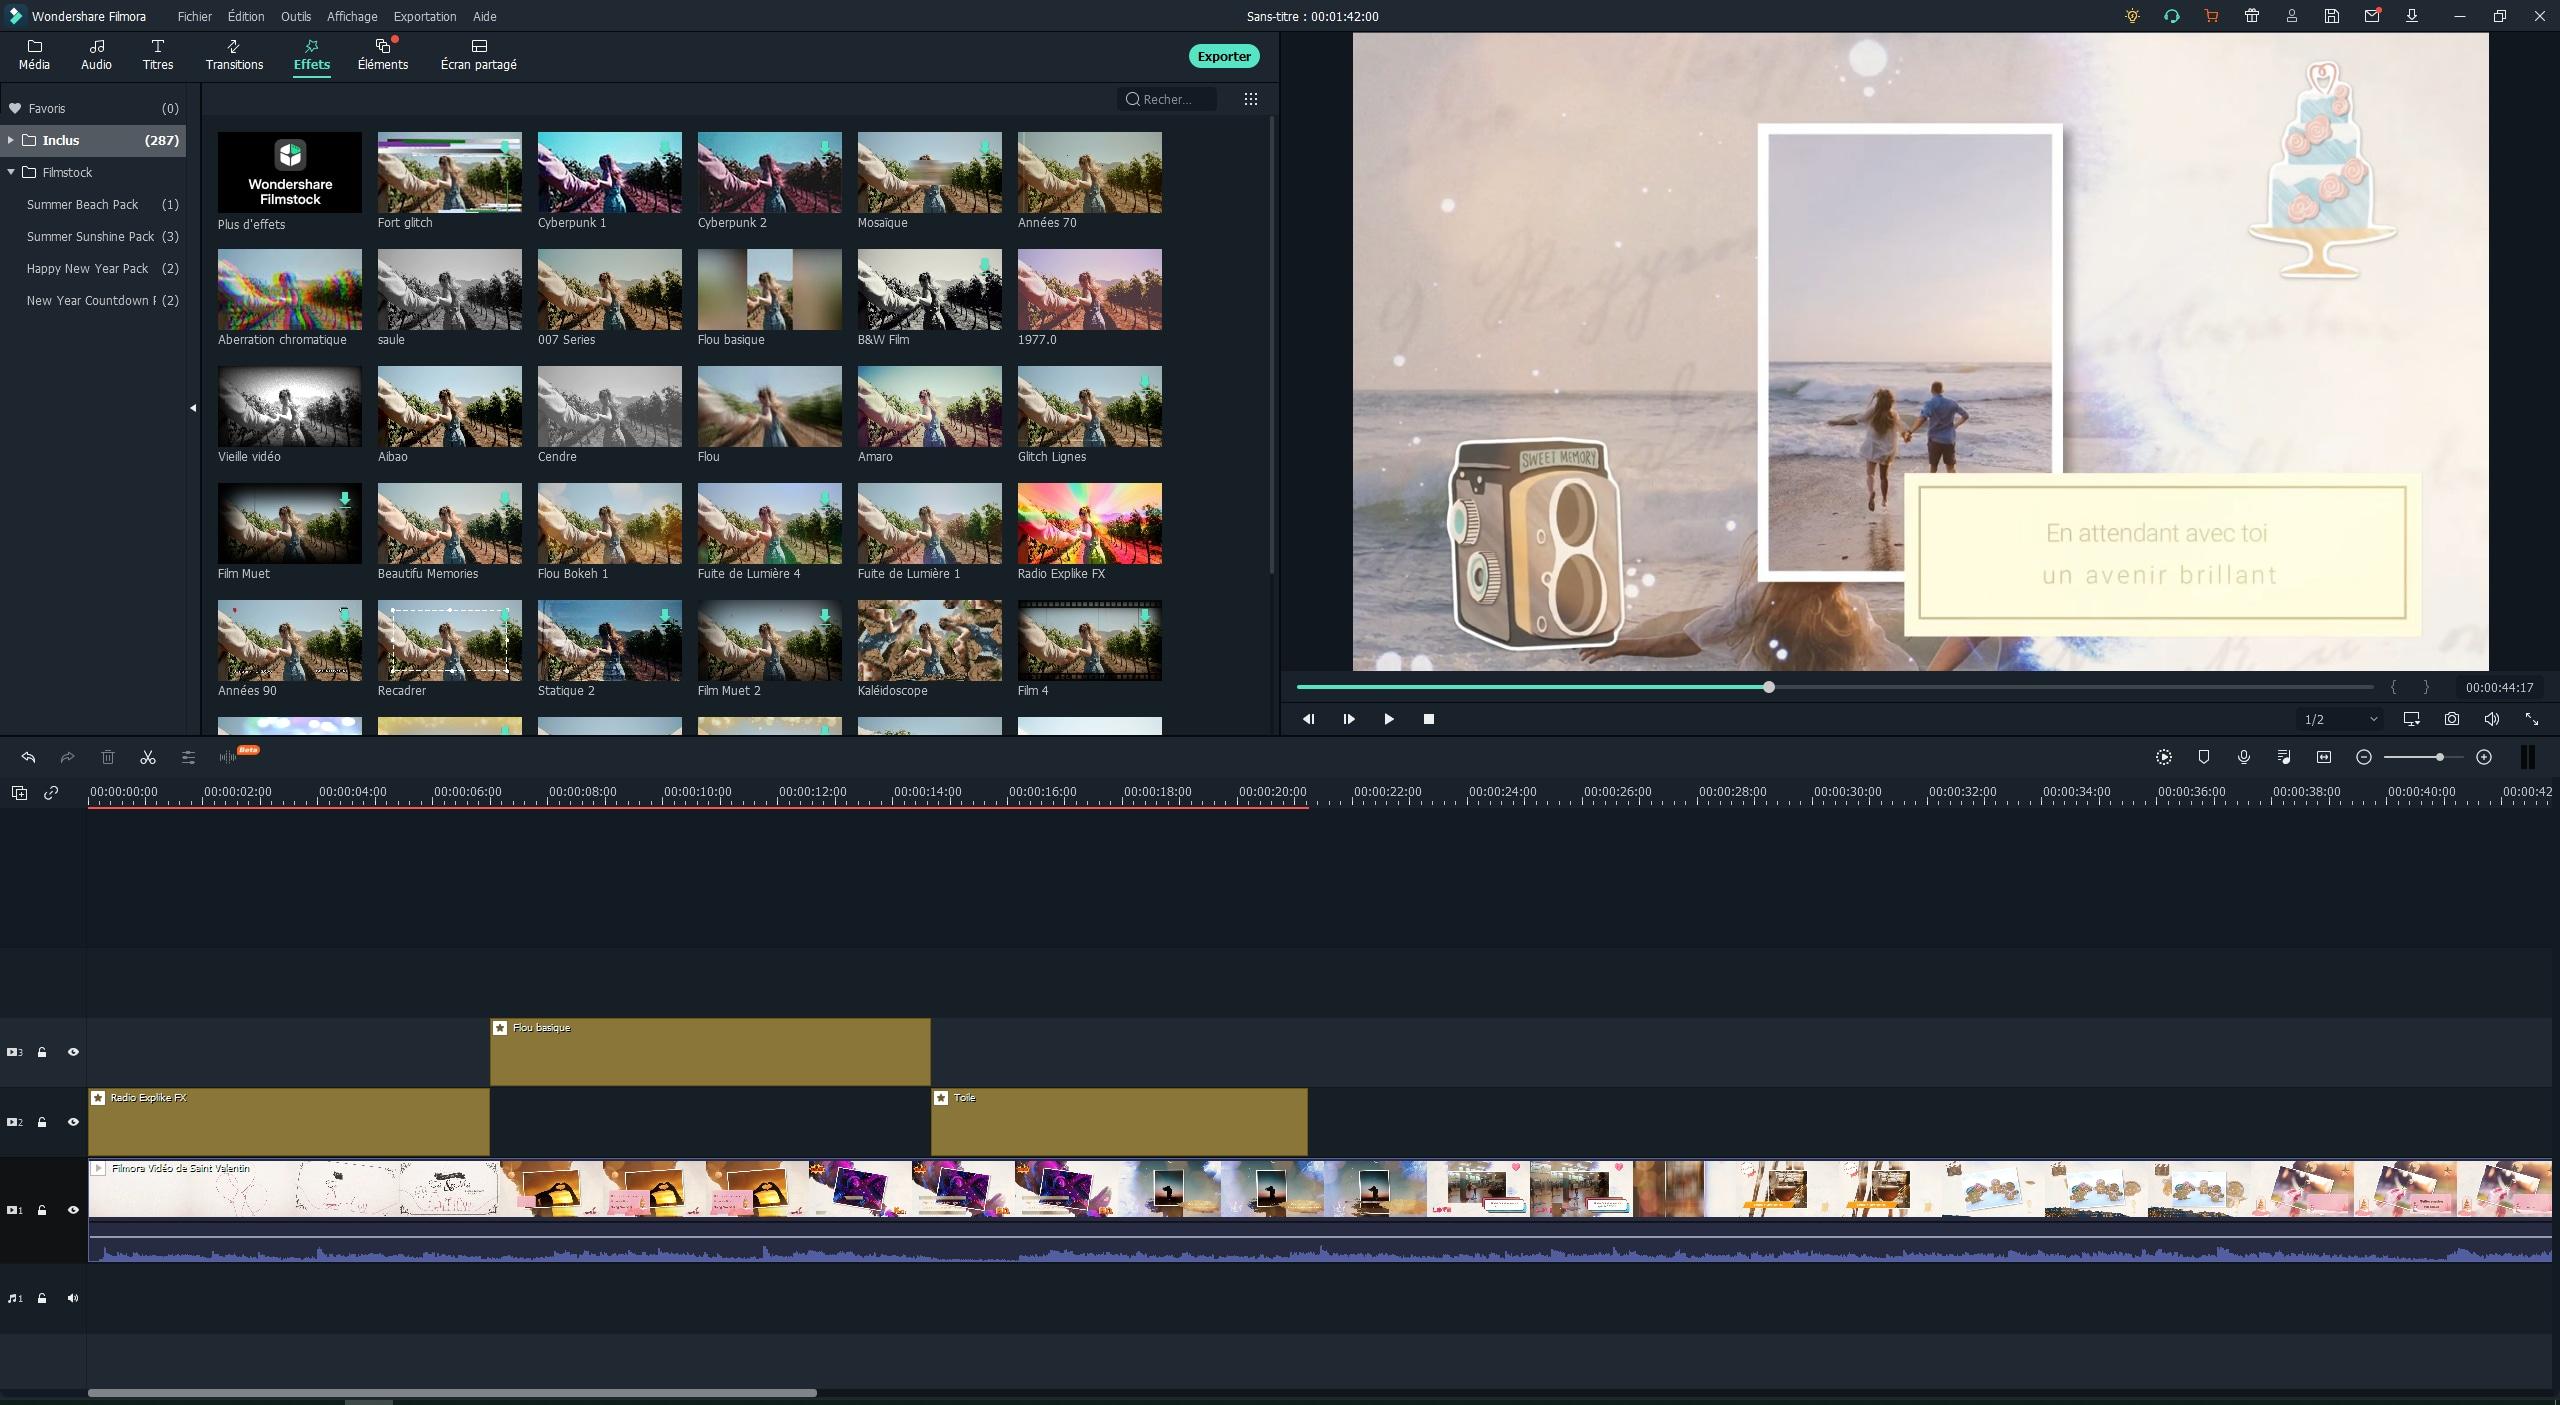 Final Cut Pro X gratuit - Amélioration de vidéo via une grande variété de filtres